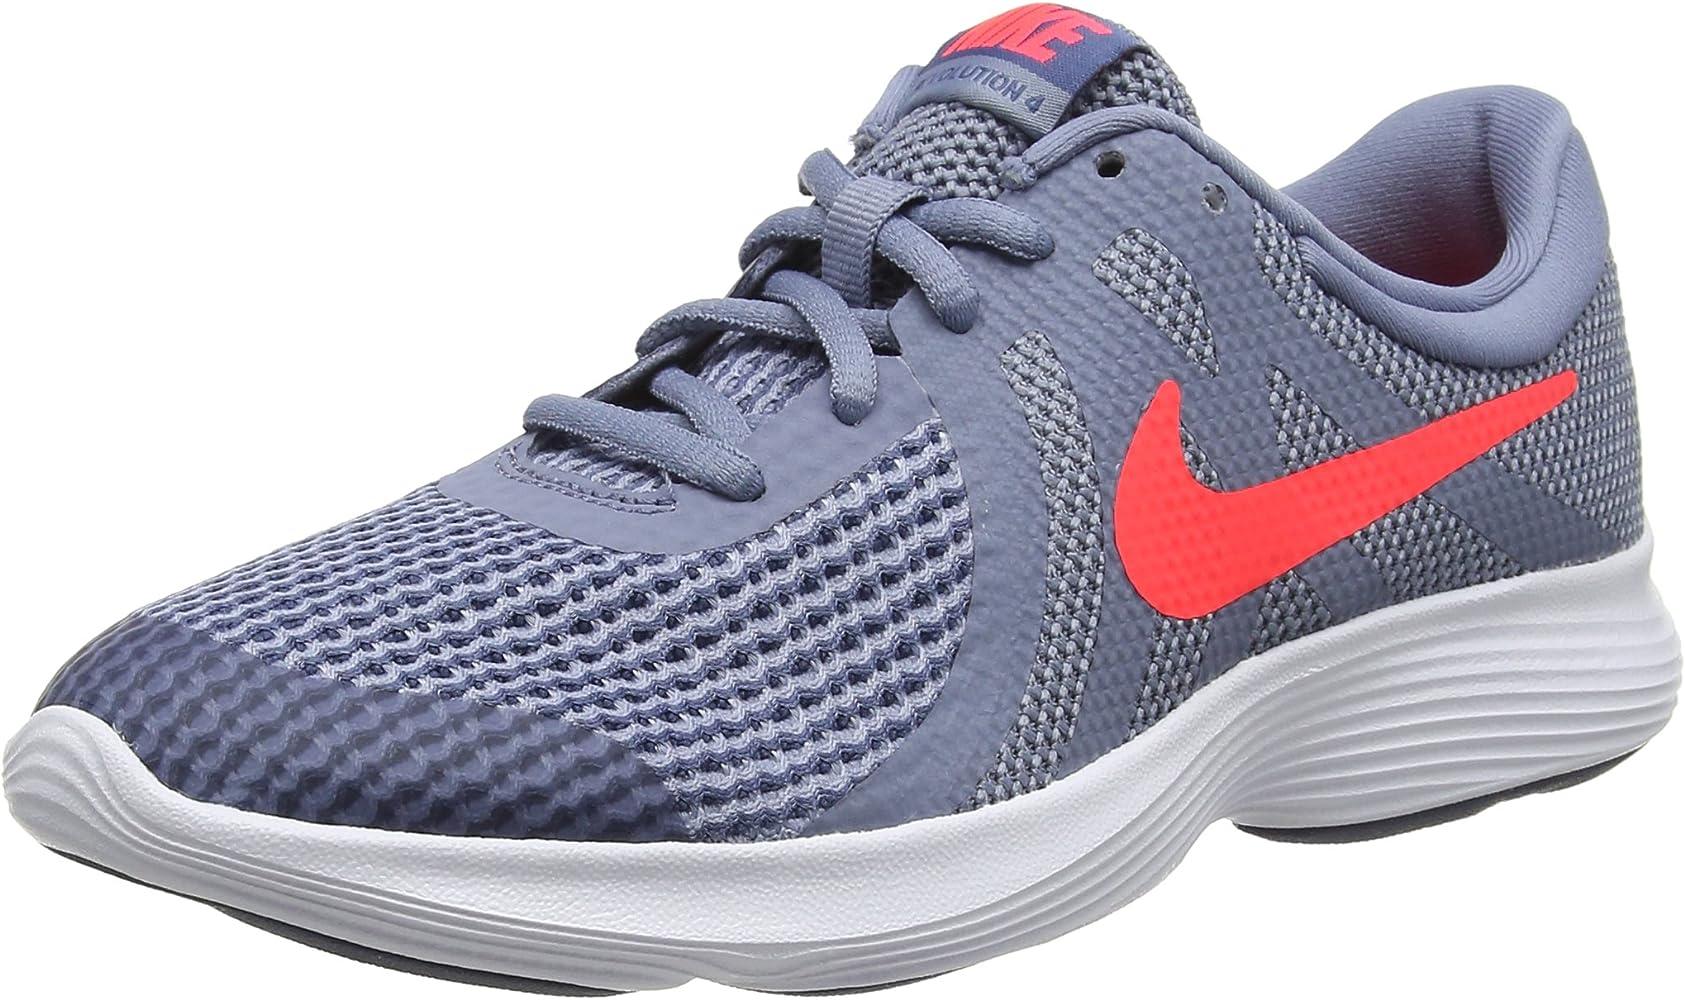 1ac5313069e Nike Revolution 4 (GS), Zapatillas de Running para Niños, Gris ...